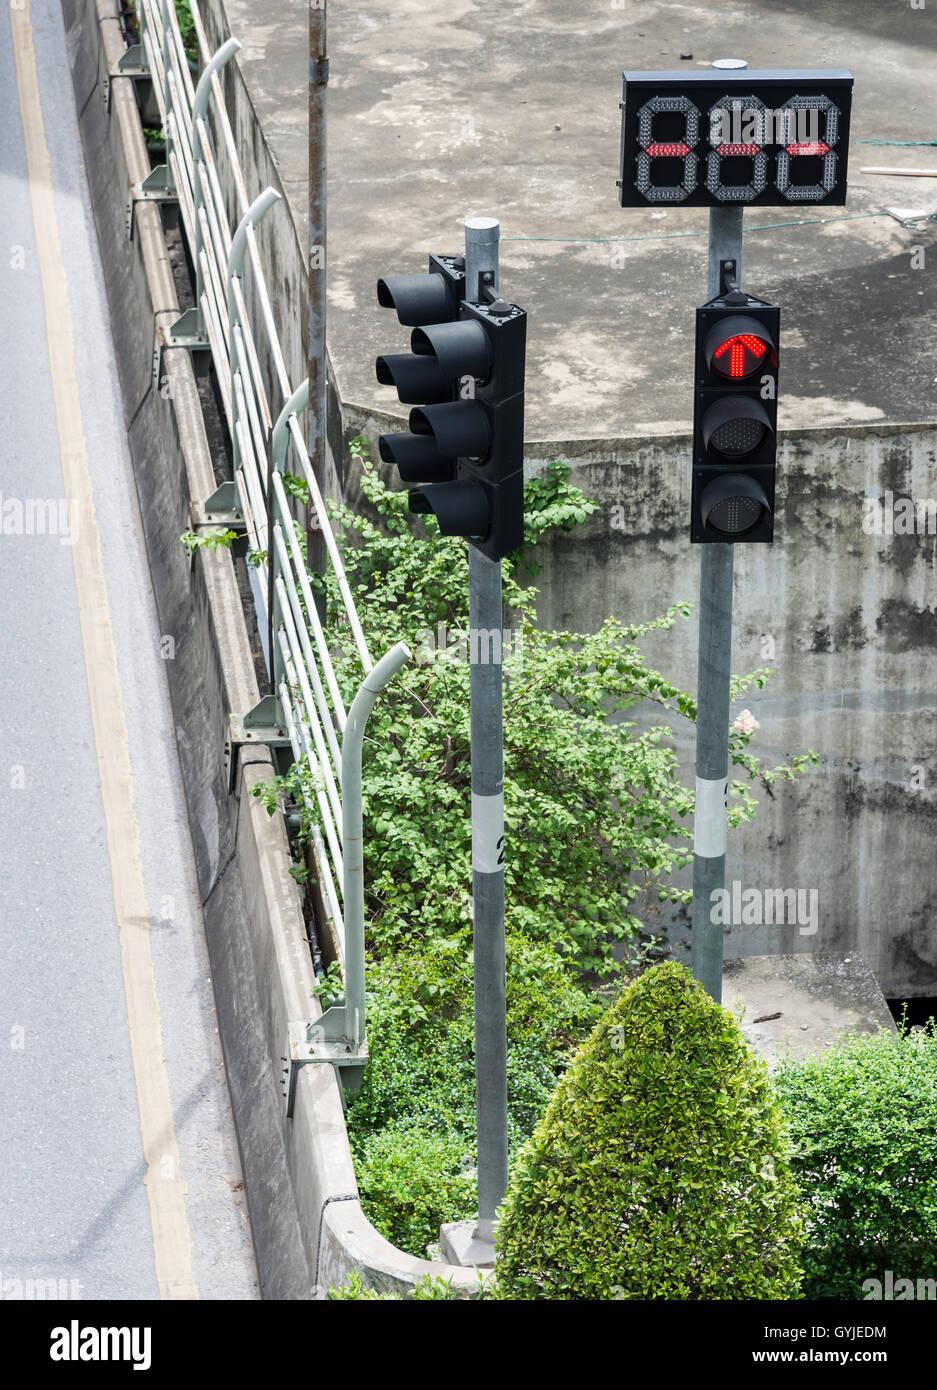 Feu de circulation poteau avec affichage numérique dans l'intersection de la zone urbaine. Photo Stock